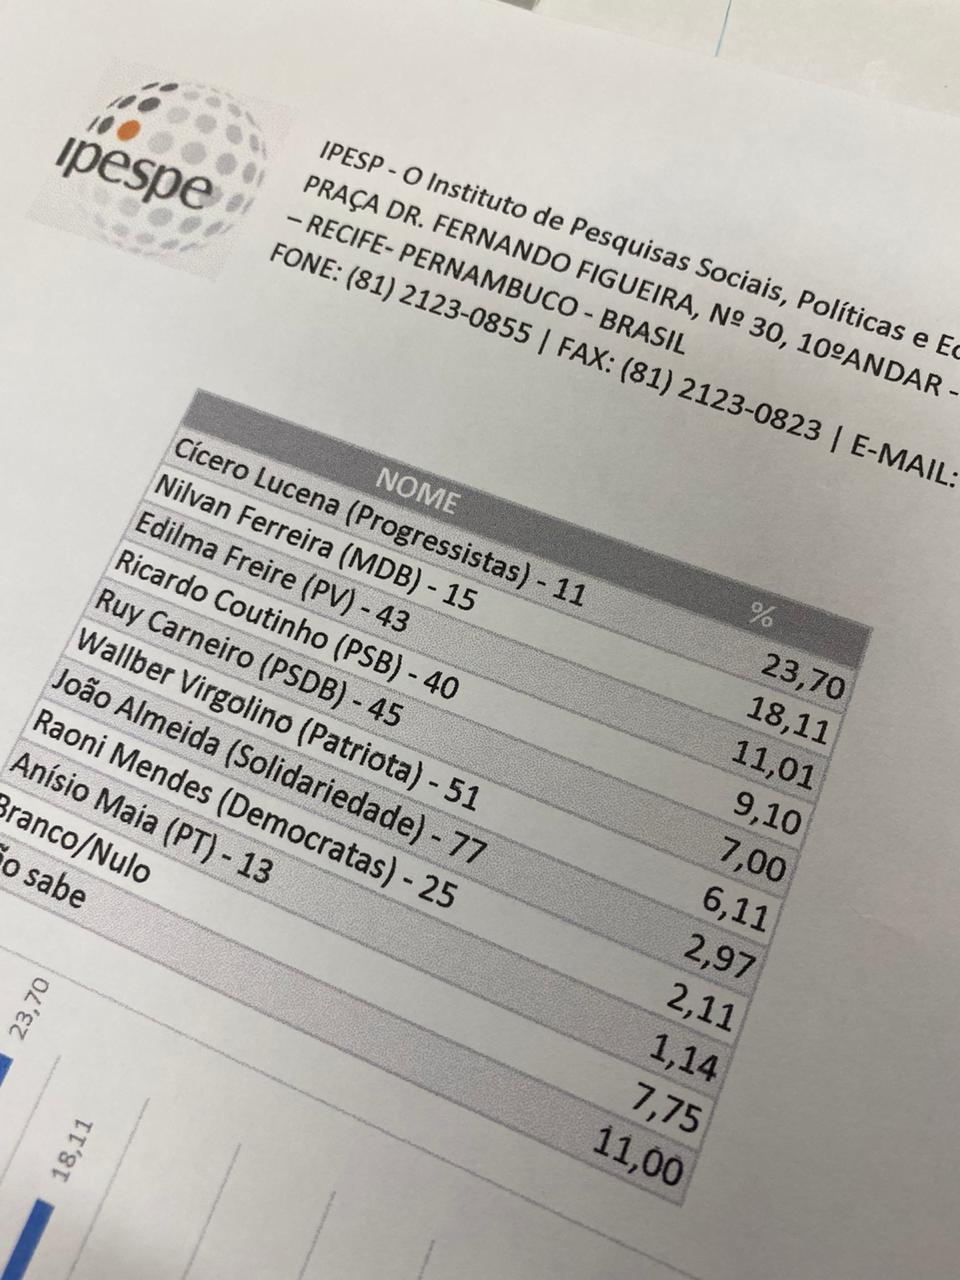 WhatsApp Image 2020 11 13 at 13.39.24 1 - FAKE NEWS! IPESPE desmente pesquisa falsa sobre as eleições de João Pessoa